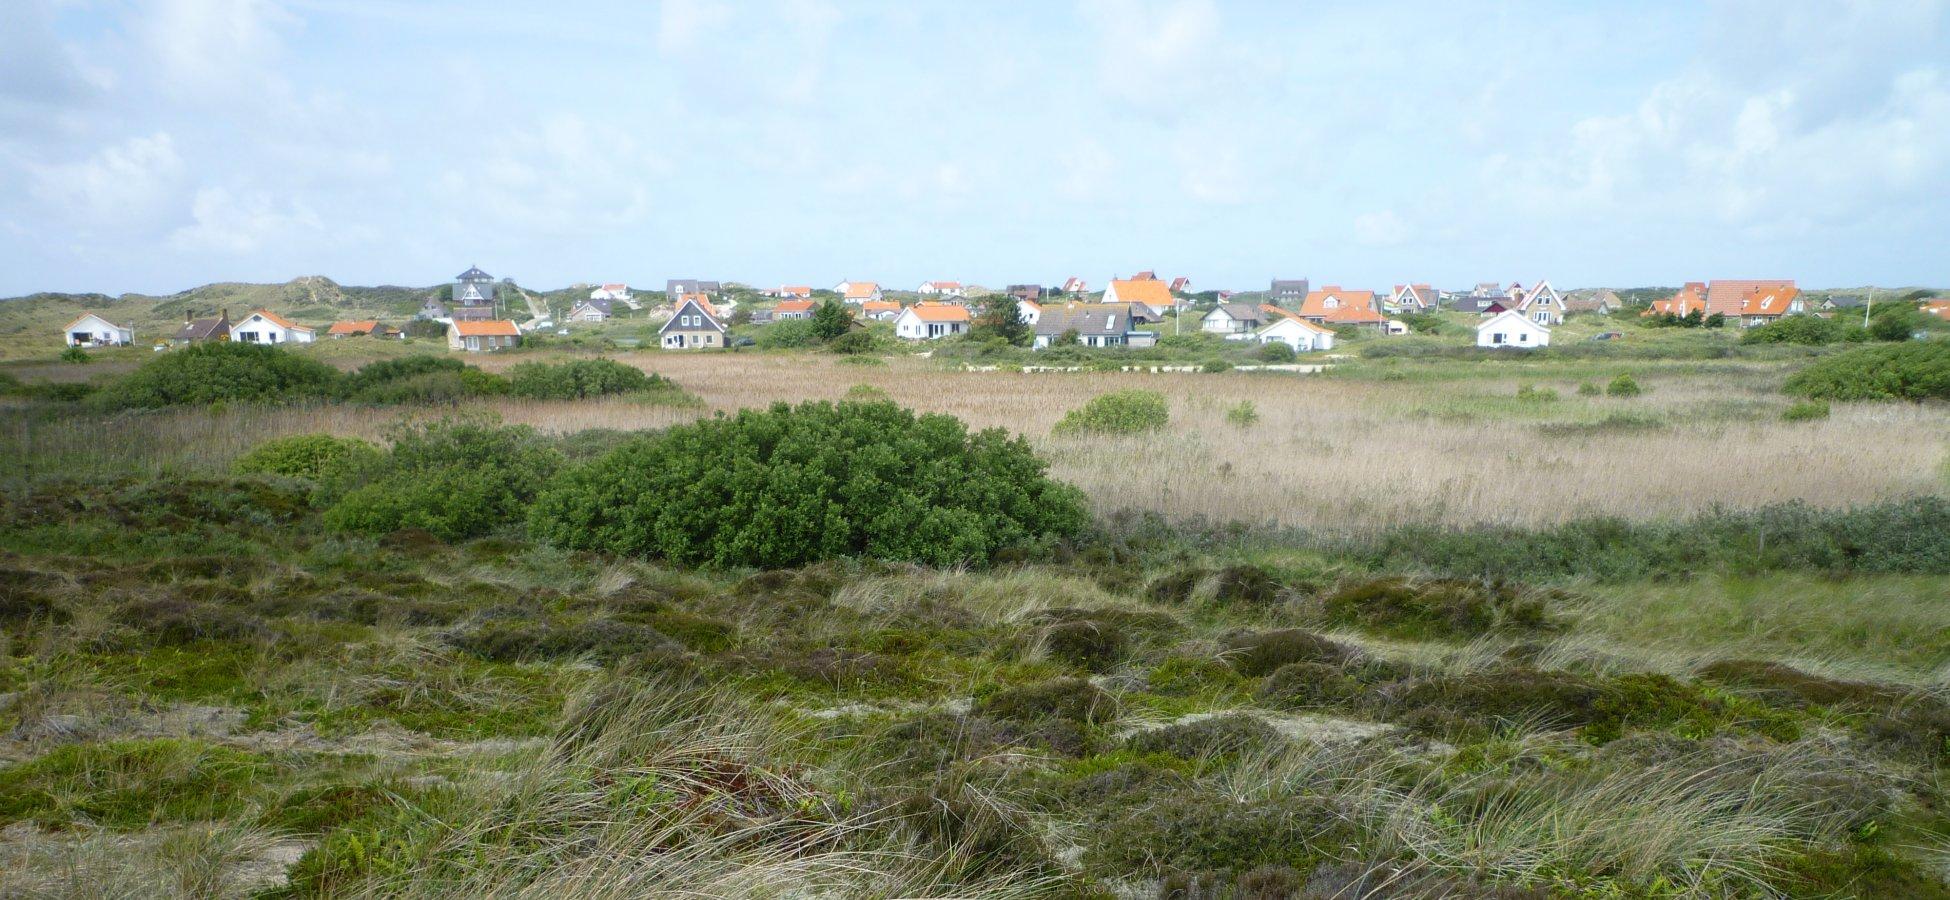 dfb51b304fd 900+ Vakantieverblijven op Terschelling | vakantiehuis, appartement, chalet  en hotel op Terschelling, vakantie eiland met strand